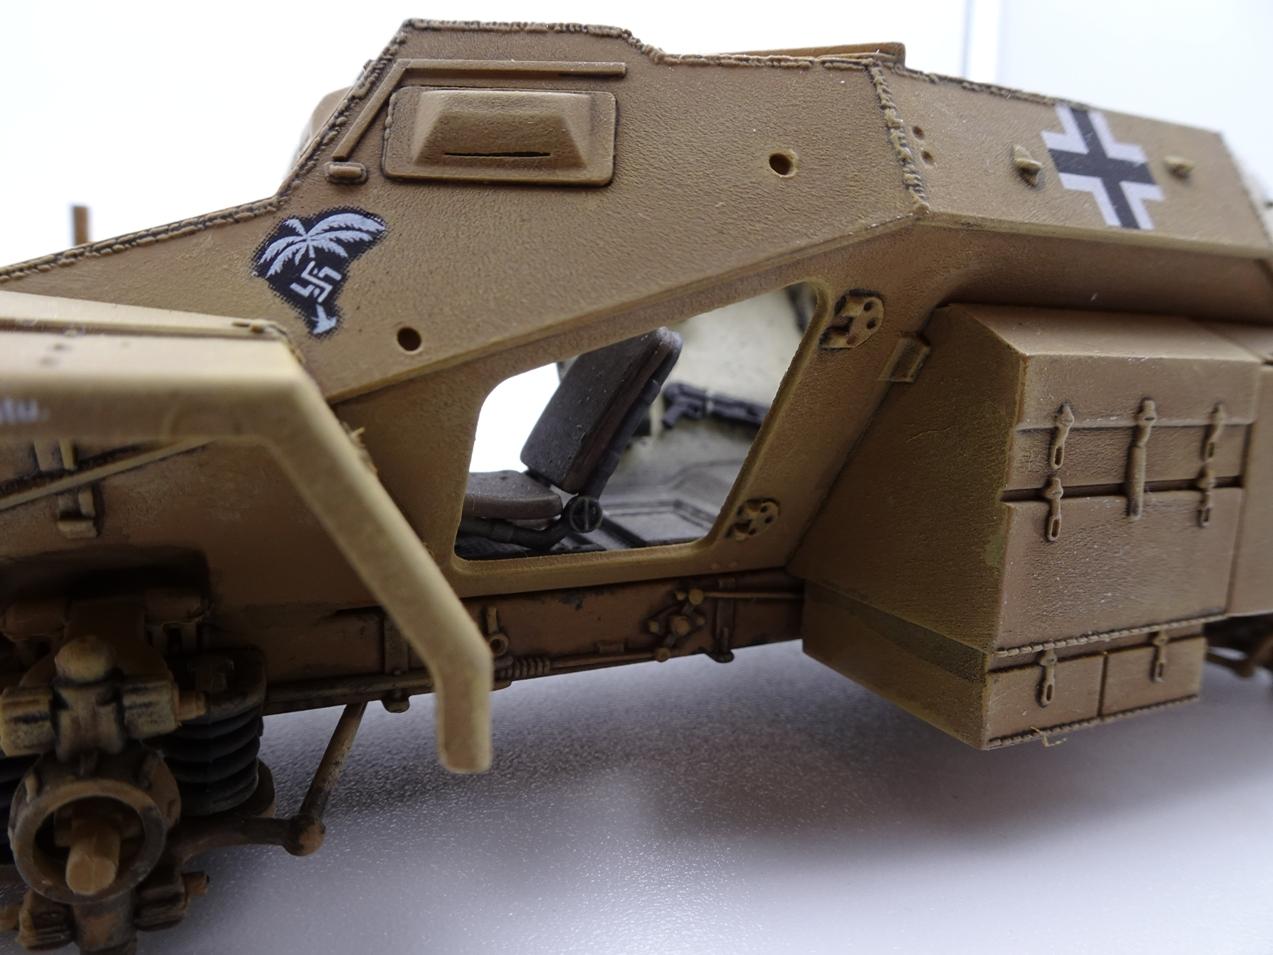 [Hobby Boss 1/35°] Sd.Kfz. 222 Leichter Panzerspähwagen - Page 2 222-3005-7